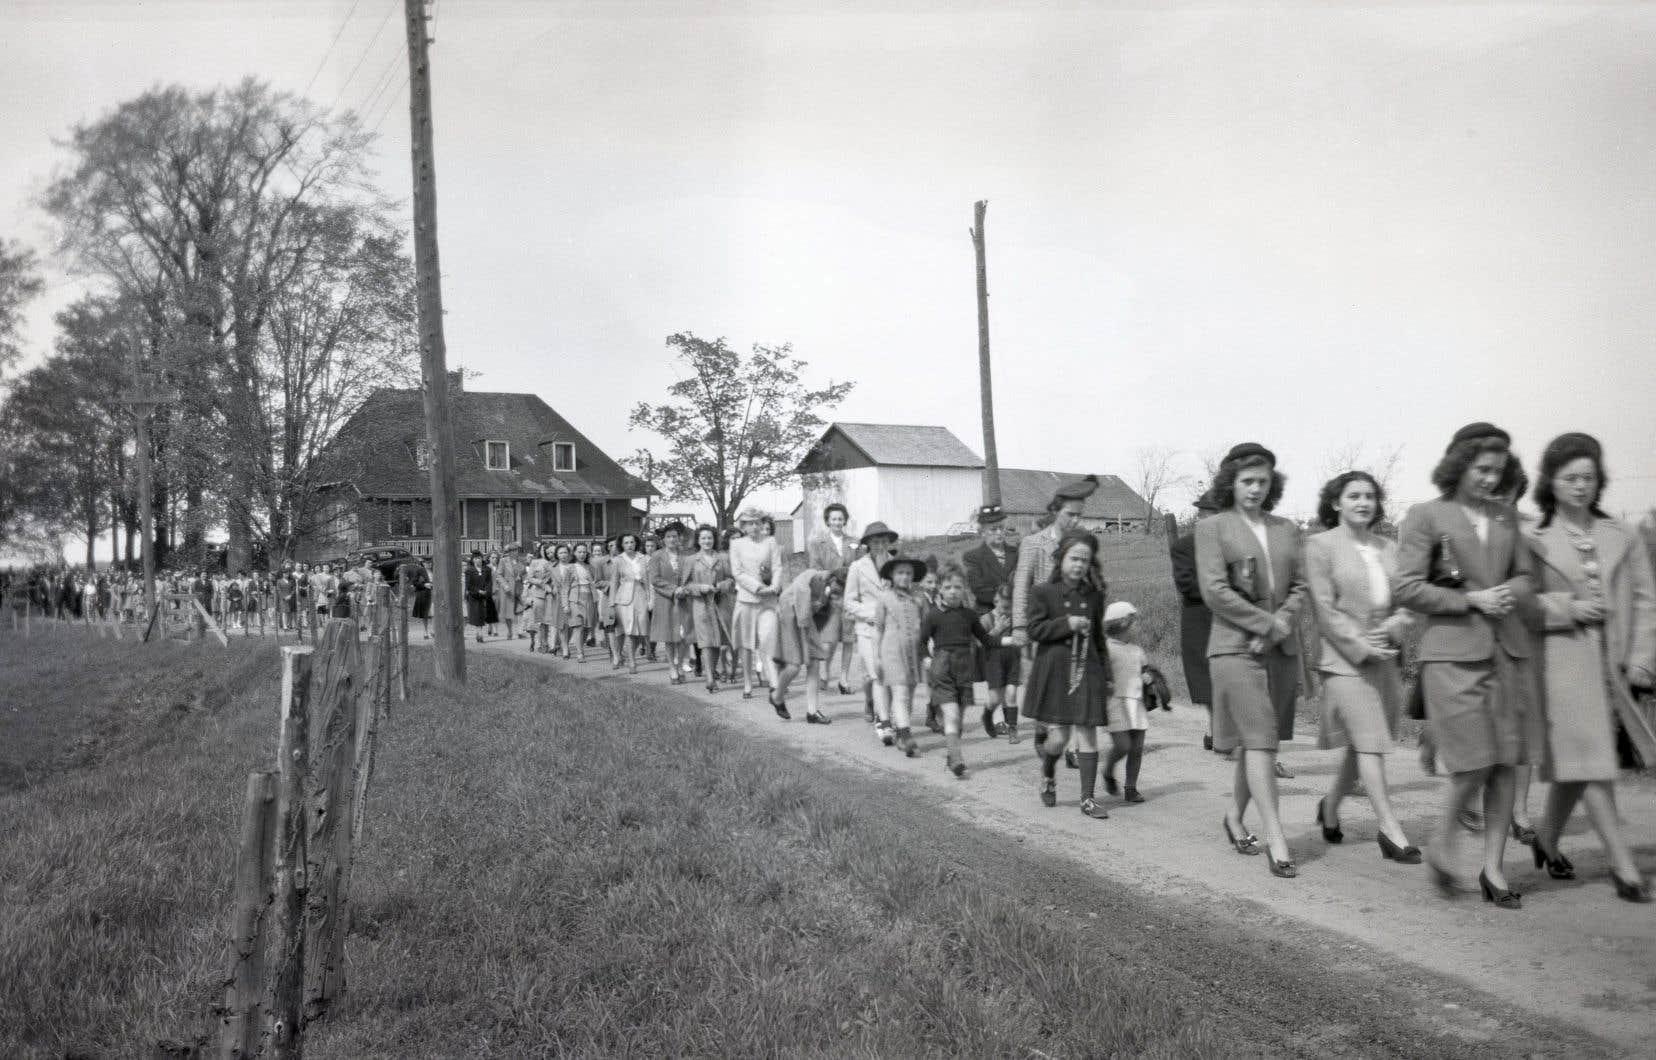 Des processions religieuses se sont longtemps arrêtées devant la maison tricentenaire Pasquier, comme en témoignent des photographies anciennes comme celle-ci, croquée dans les années 1940.